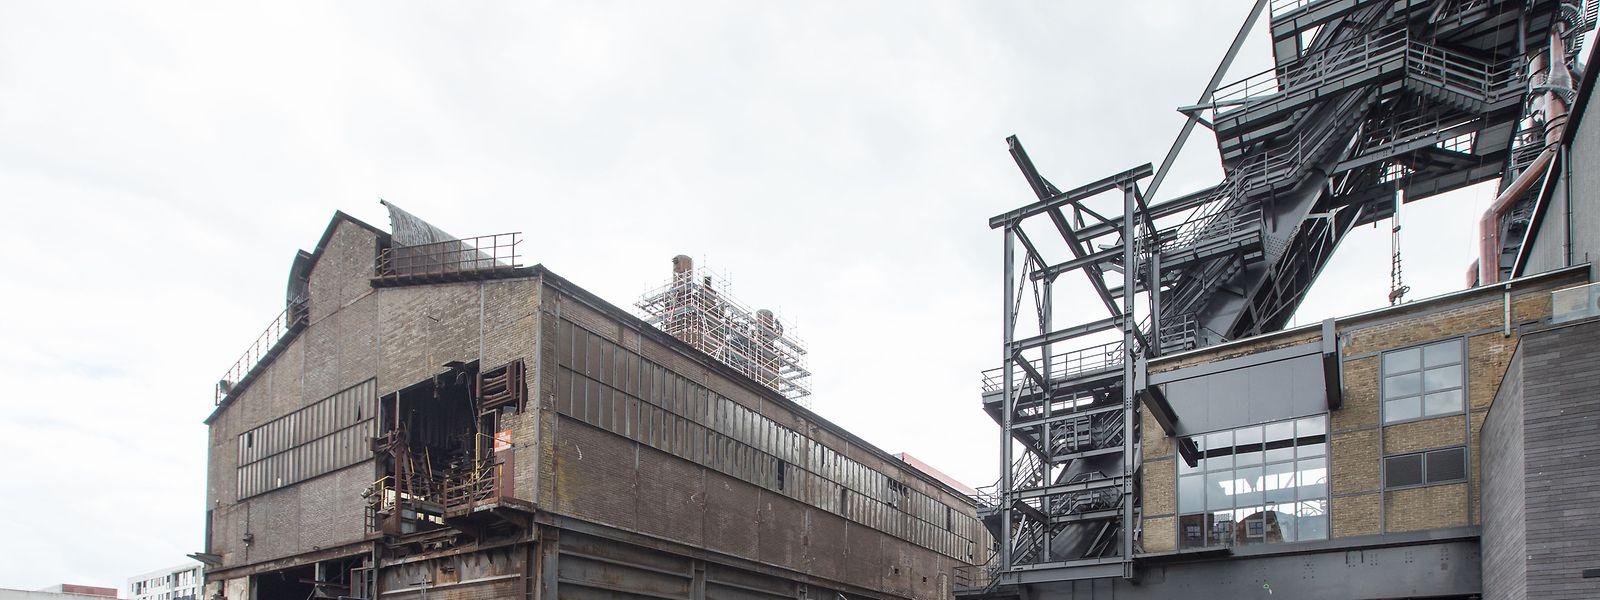 Werden die Sanierungsarbeiten rechtzeitig fertig, soll der verbleibende Teil der Möllerei in Belval zum Hauptplatz der kulturellen Programmatik von Esch 2022 werden.